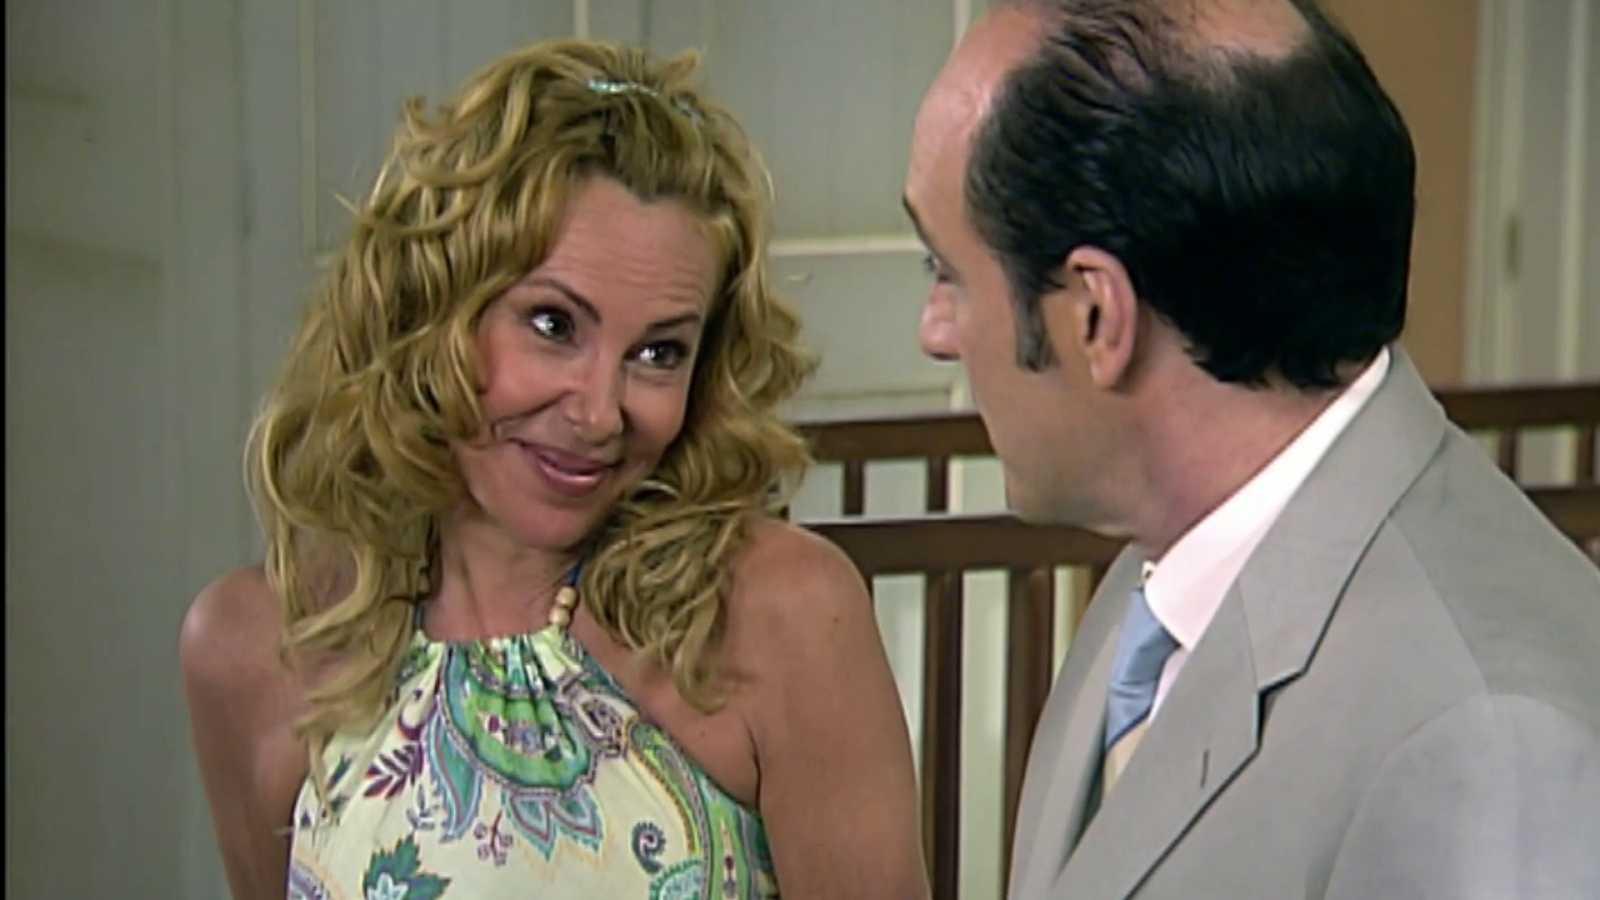 Ana y los siente - Episodio 89 - ¿Y ahorá qué? - ver vídeo